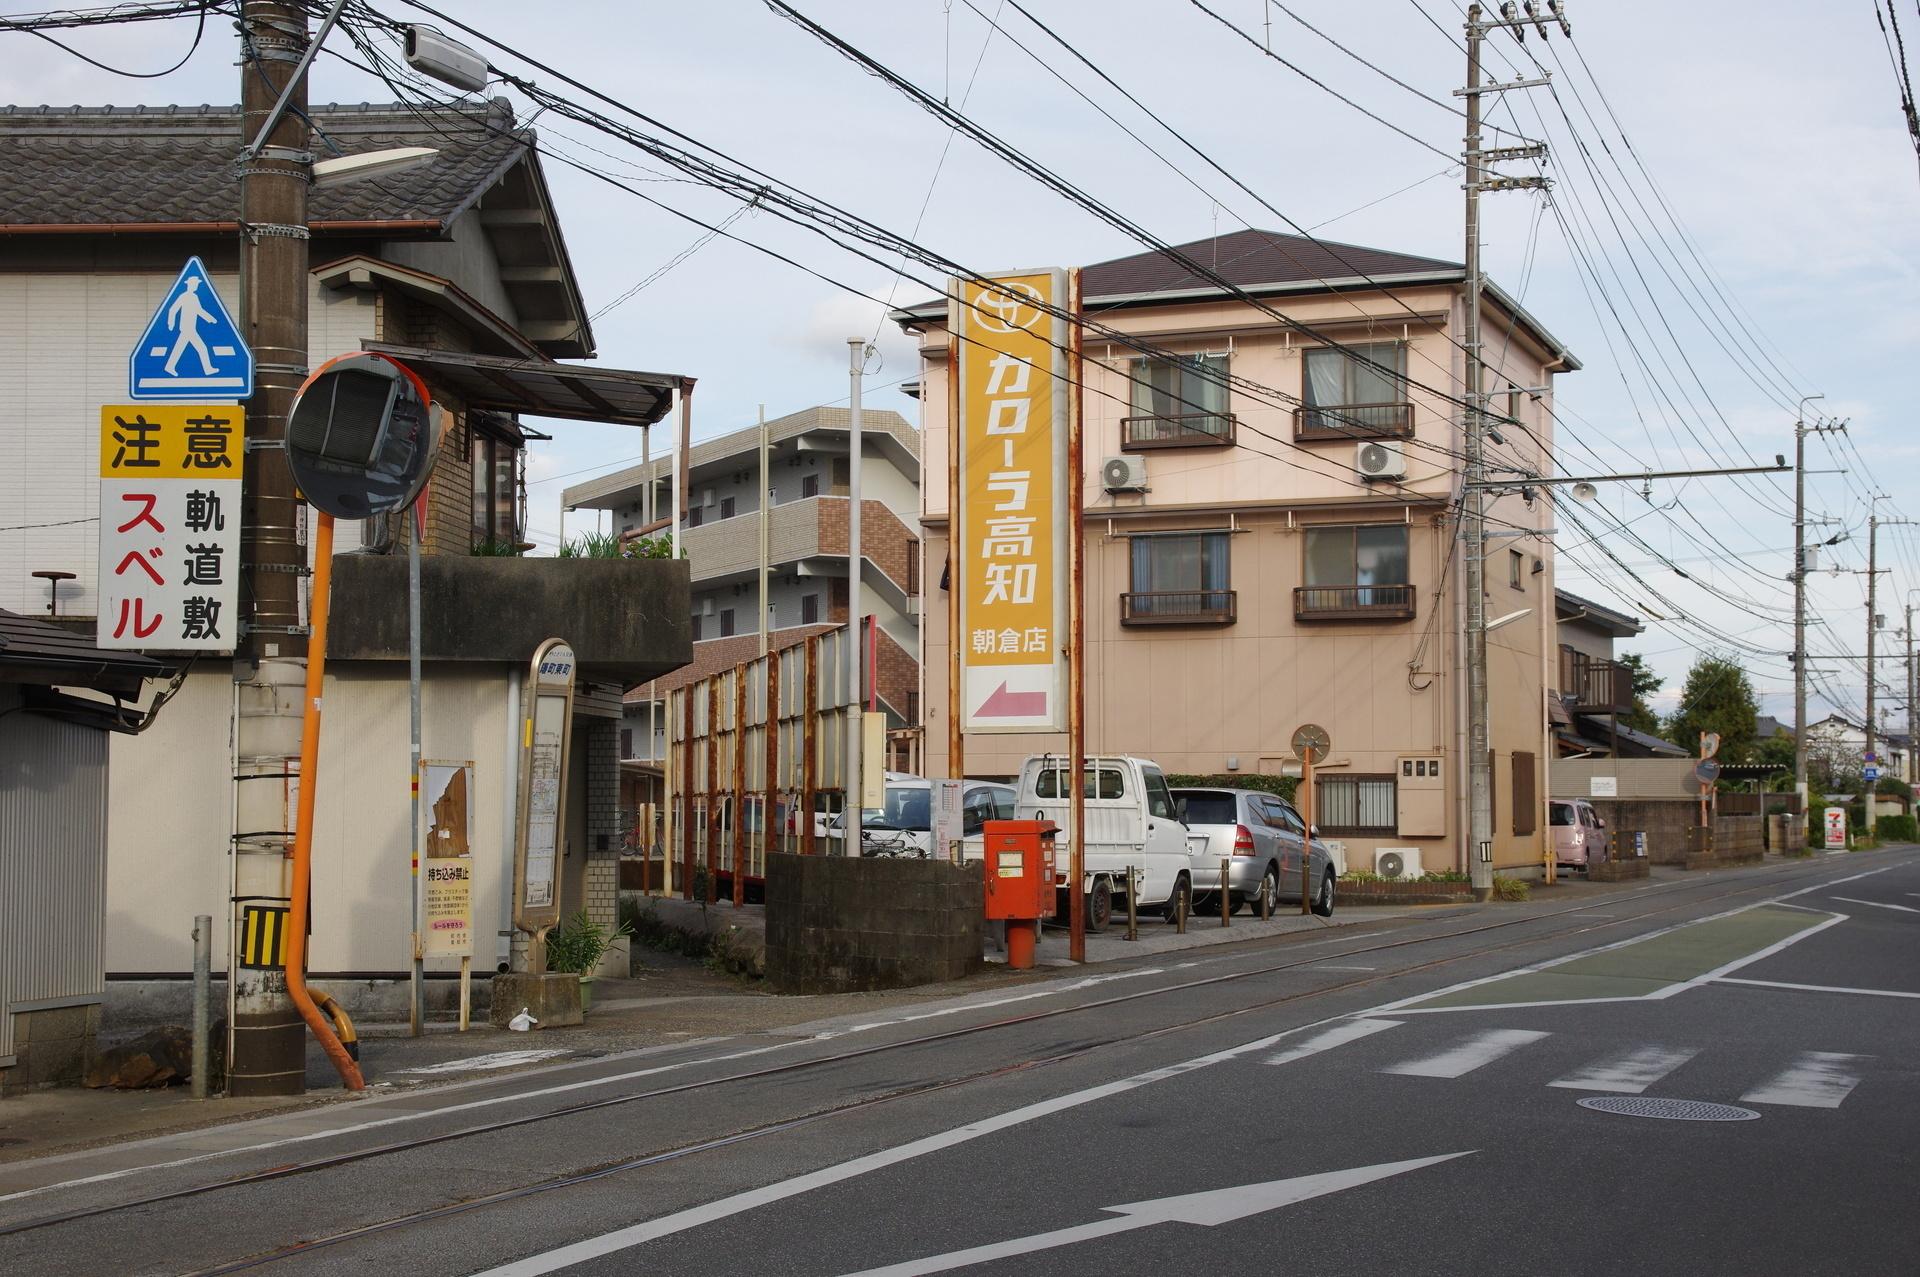 曙町東町駅全景(伊野側から撮影)